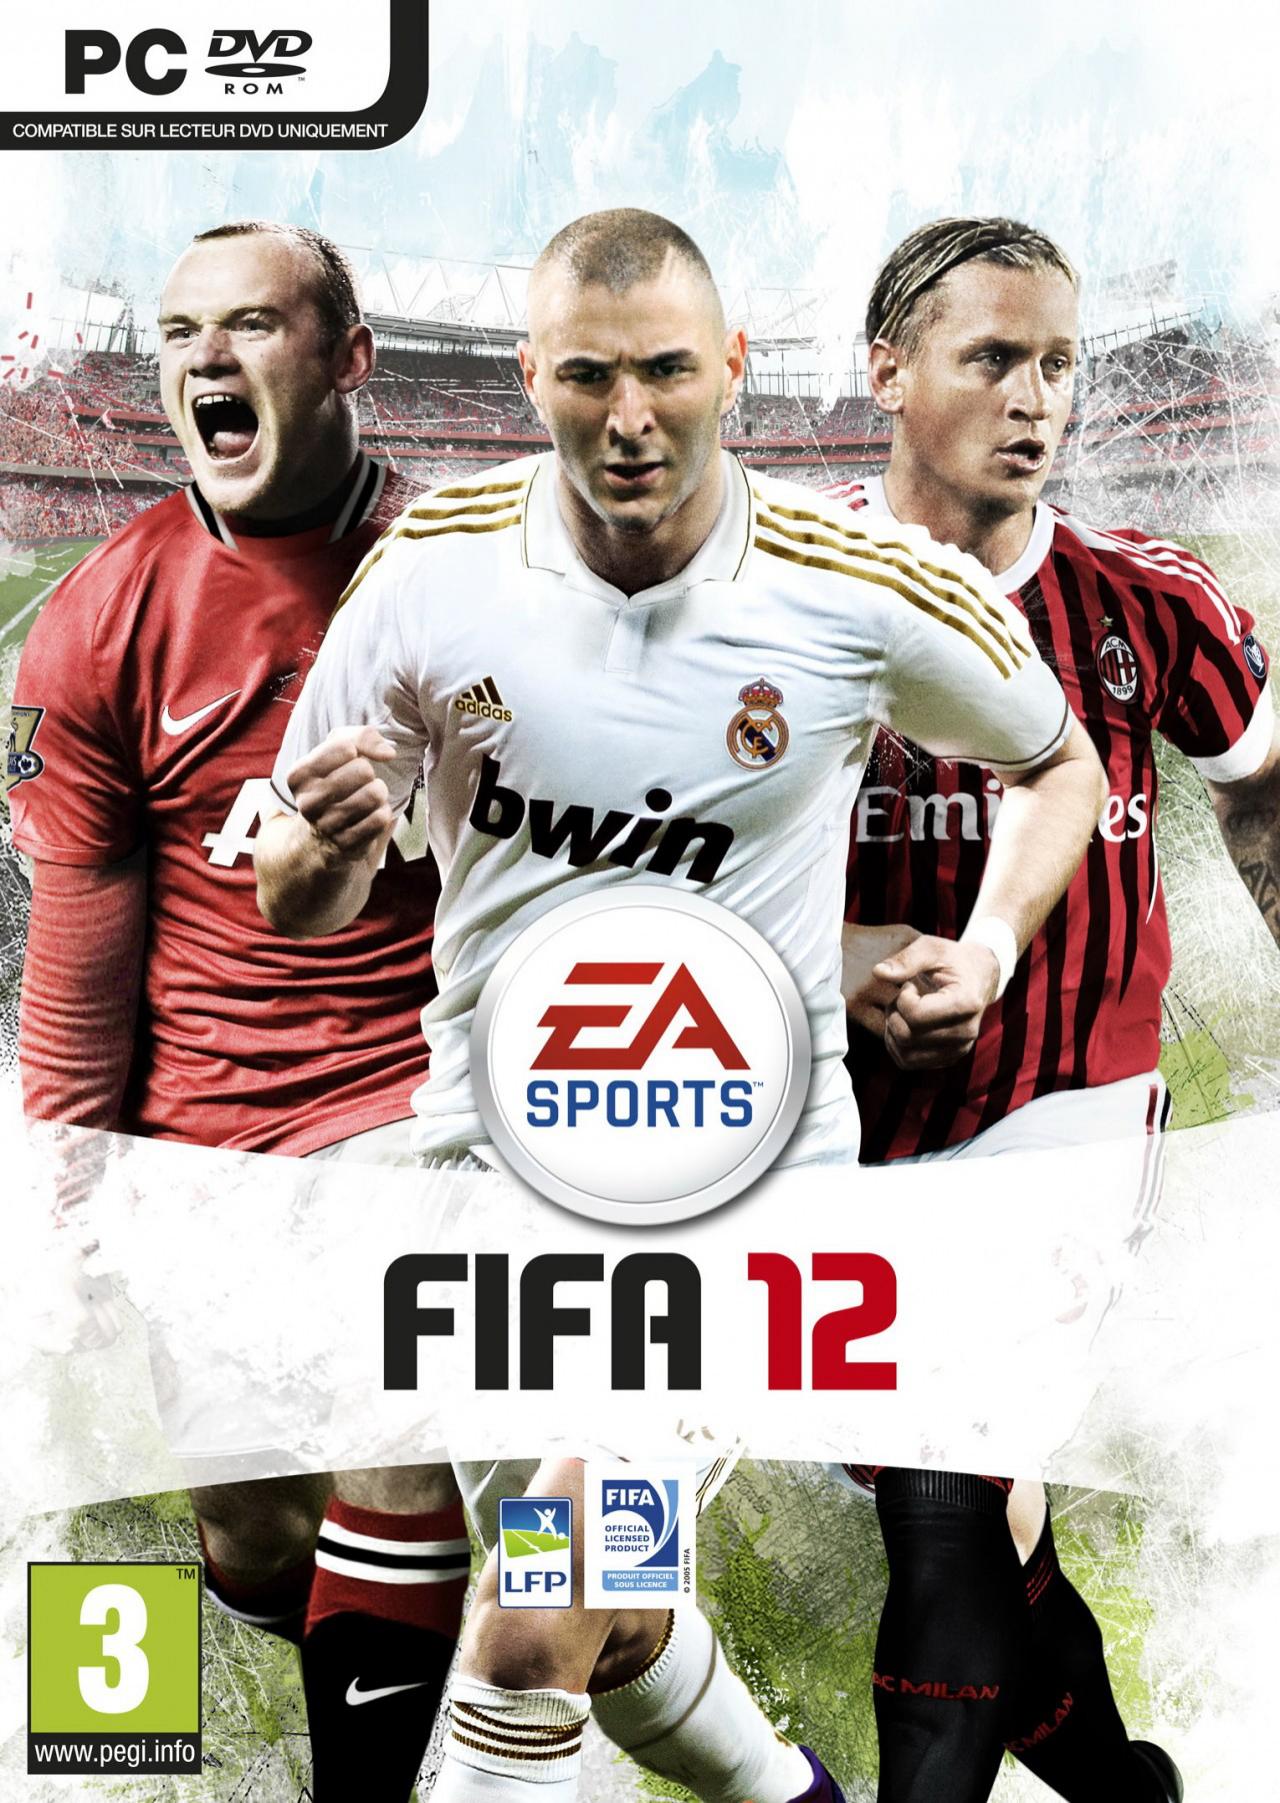 FIFA 12 sur PC (Dématérialisé - Origin)